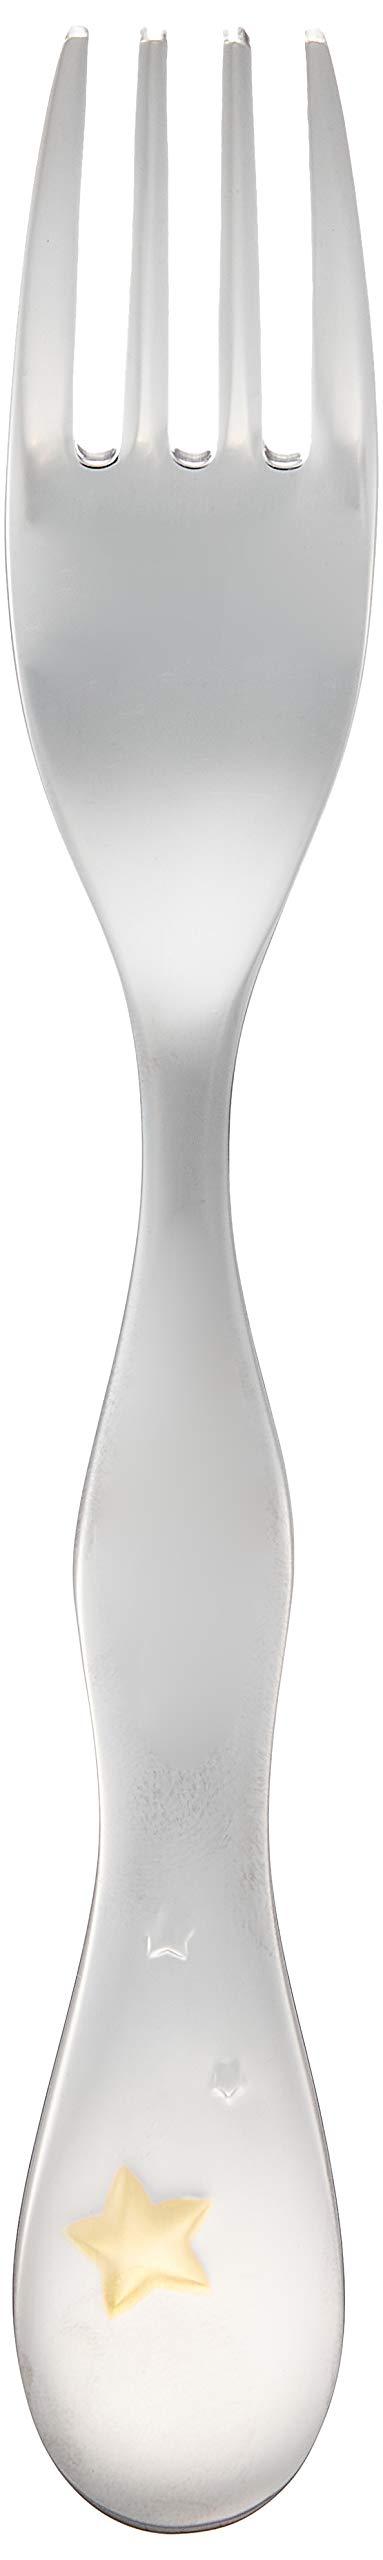 ナルミ NARUMI クラウンキッズ フォーク シャイニングスター 14cm SK596-2